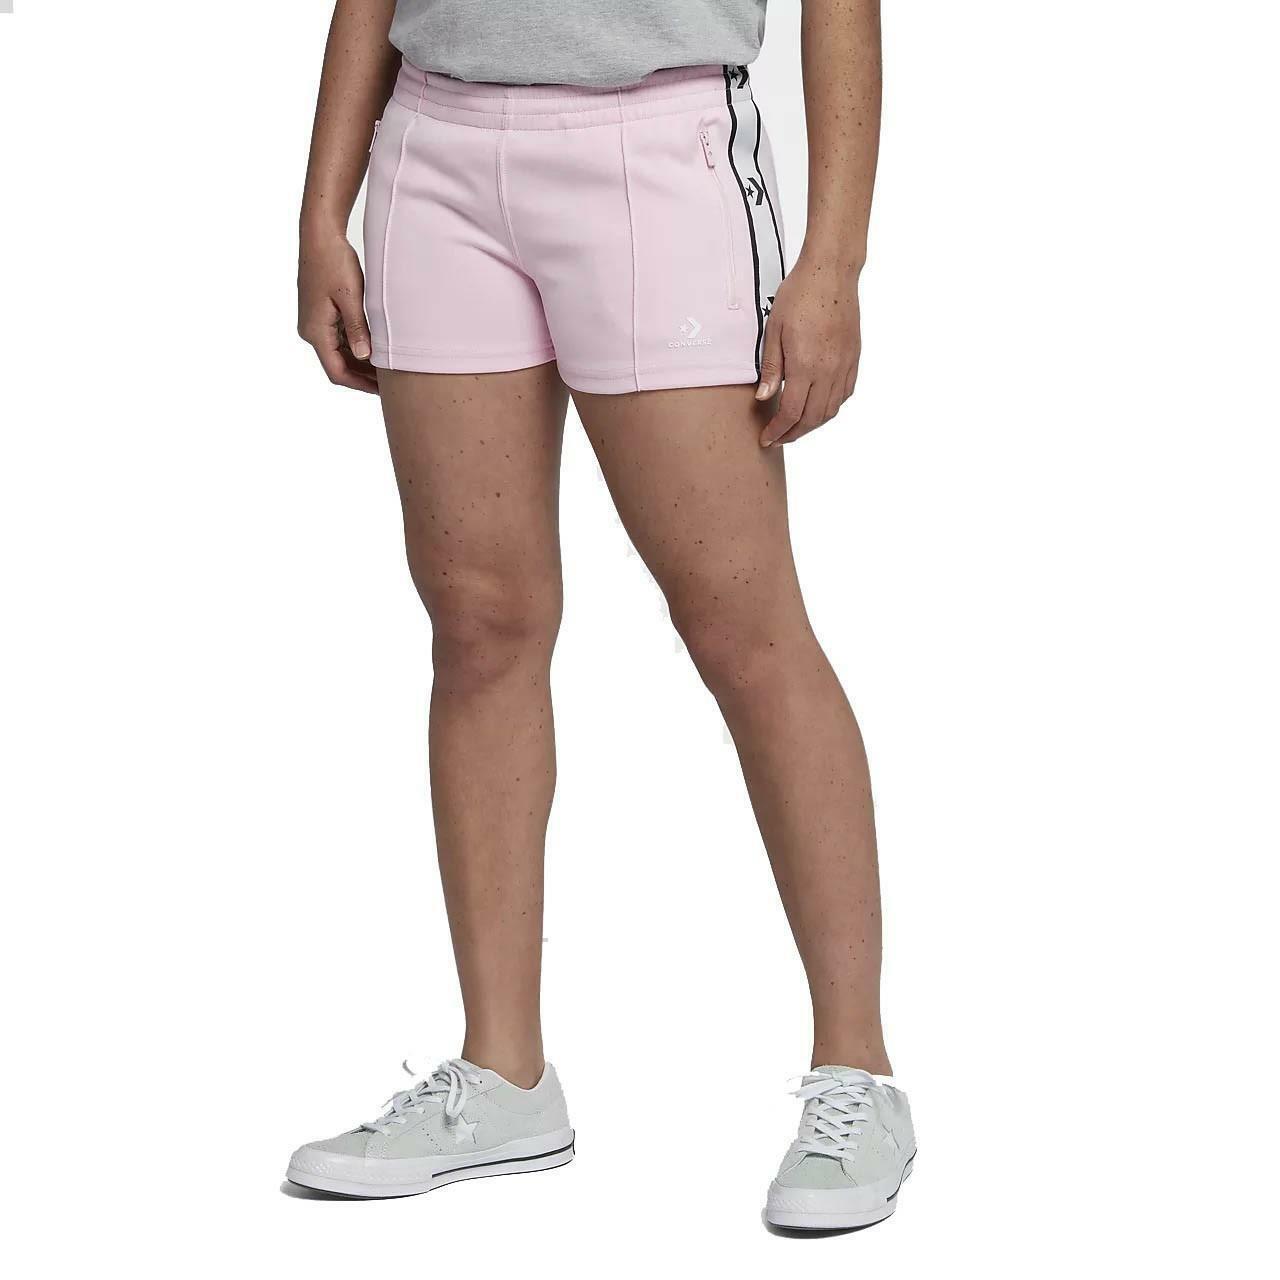 converse converse star chevron track pantaloncini donna rosa 7468a03